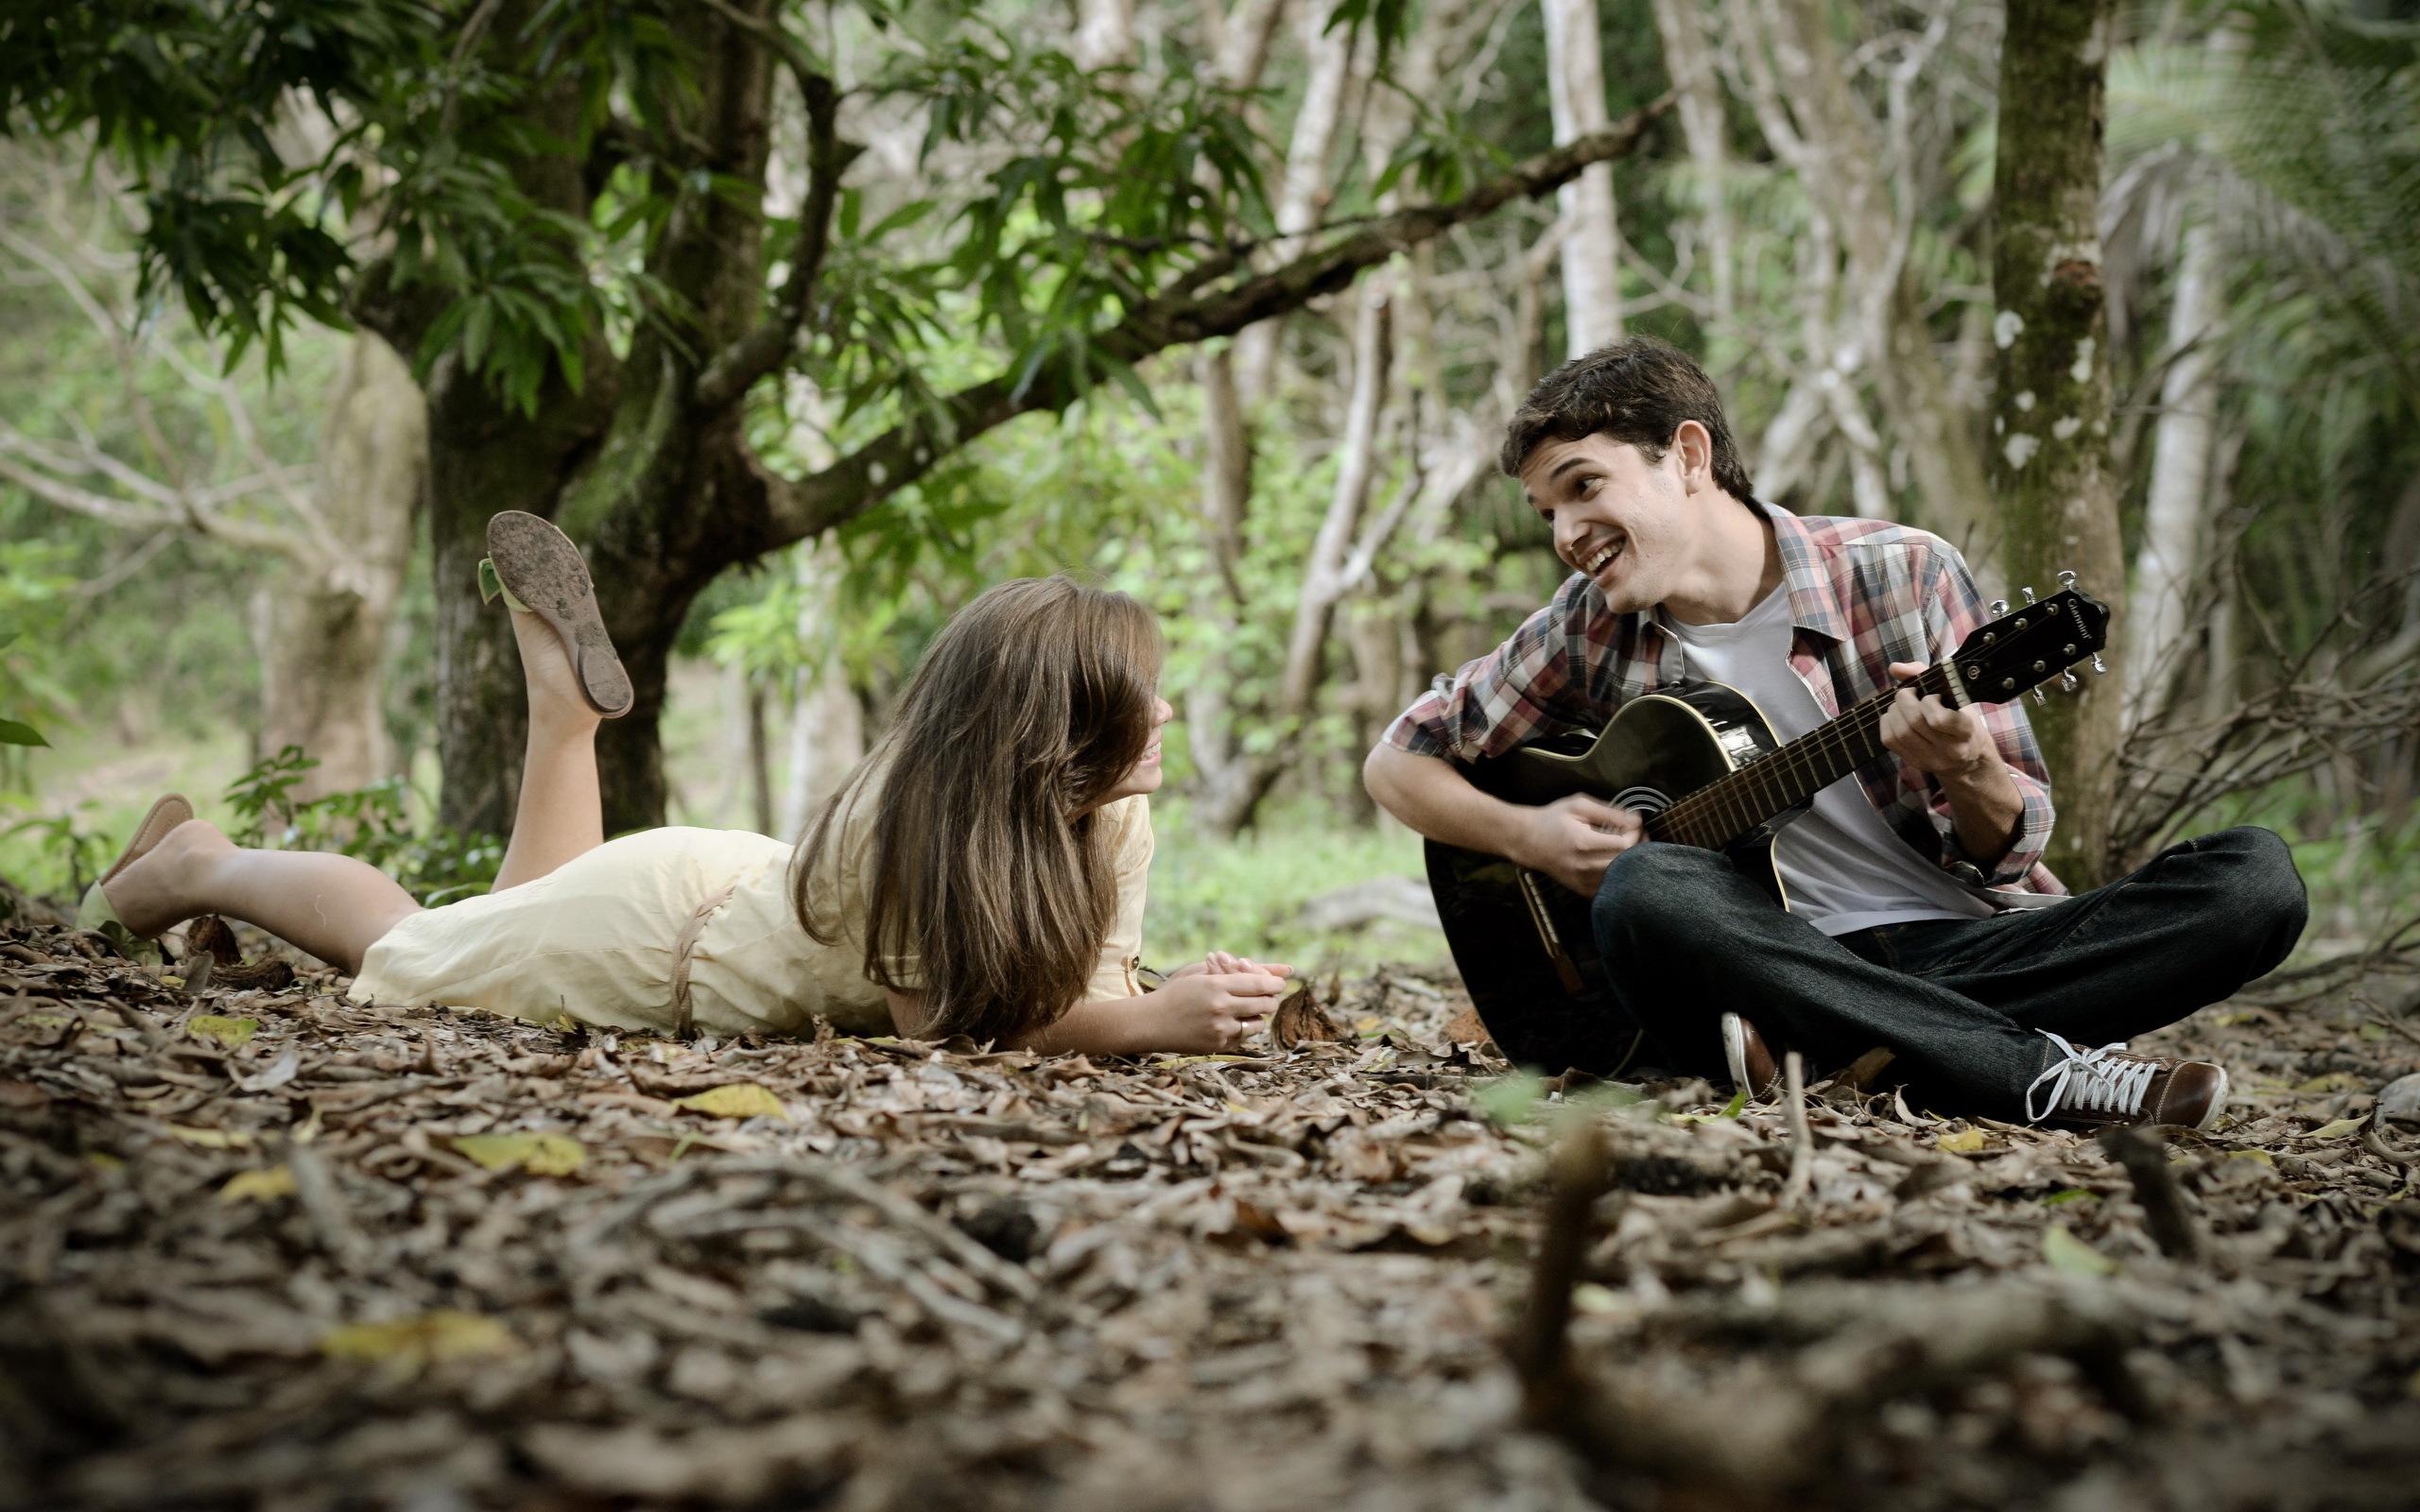 парень гитара мужчина природа дерево  № 3470106 бесплатно